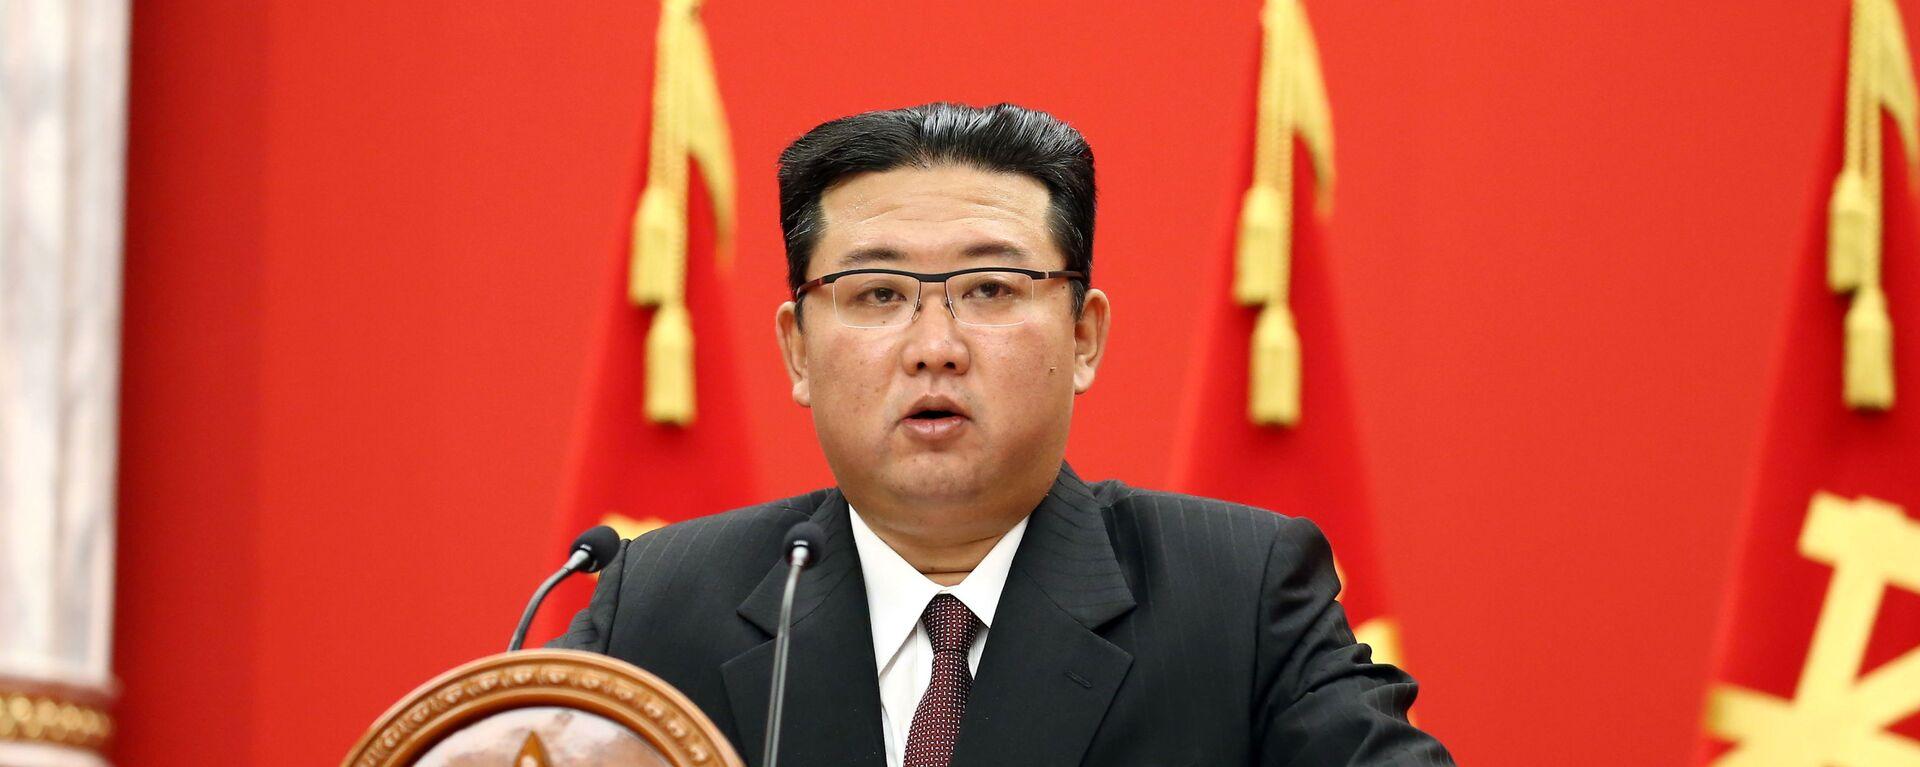 Nhà lãnh đạo CHDCND Triều Tiên Kim Jong-un - Sputnik Việt Nam, 1920, 12.10.2021